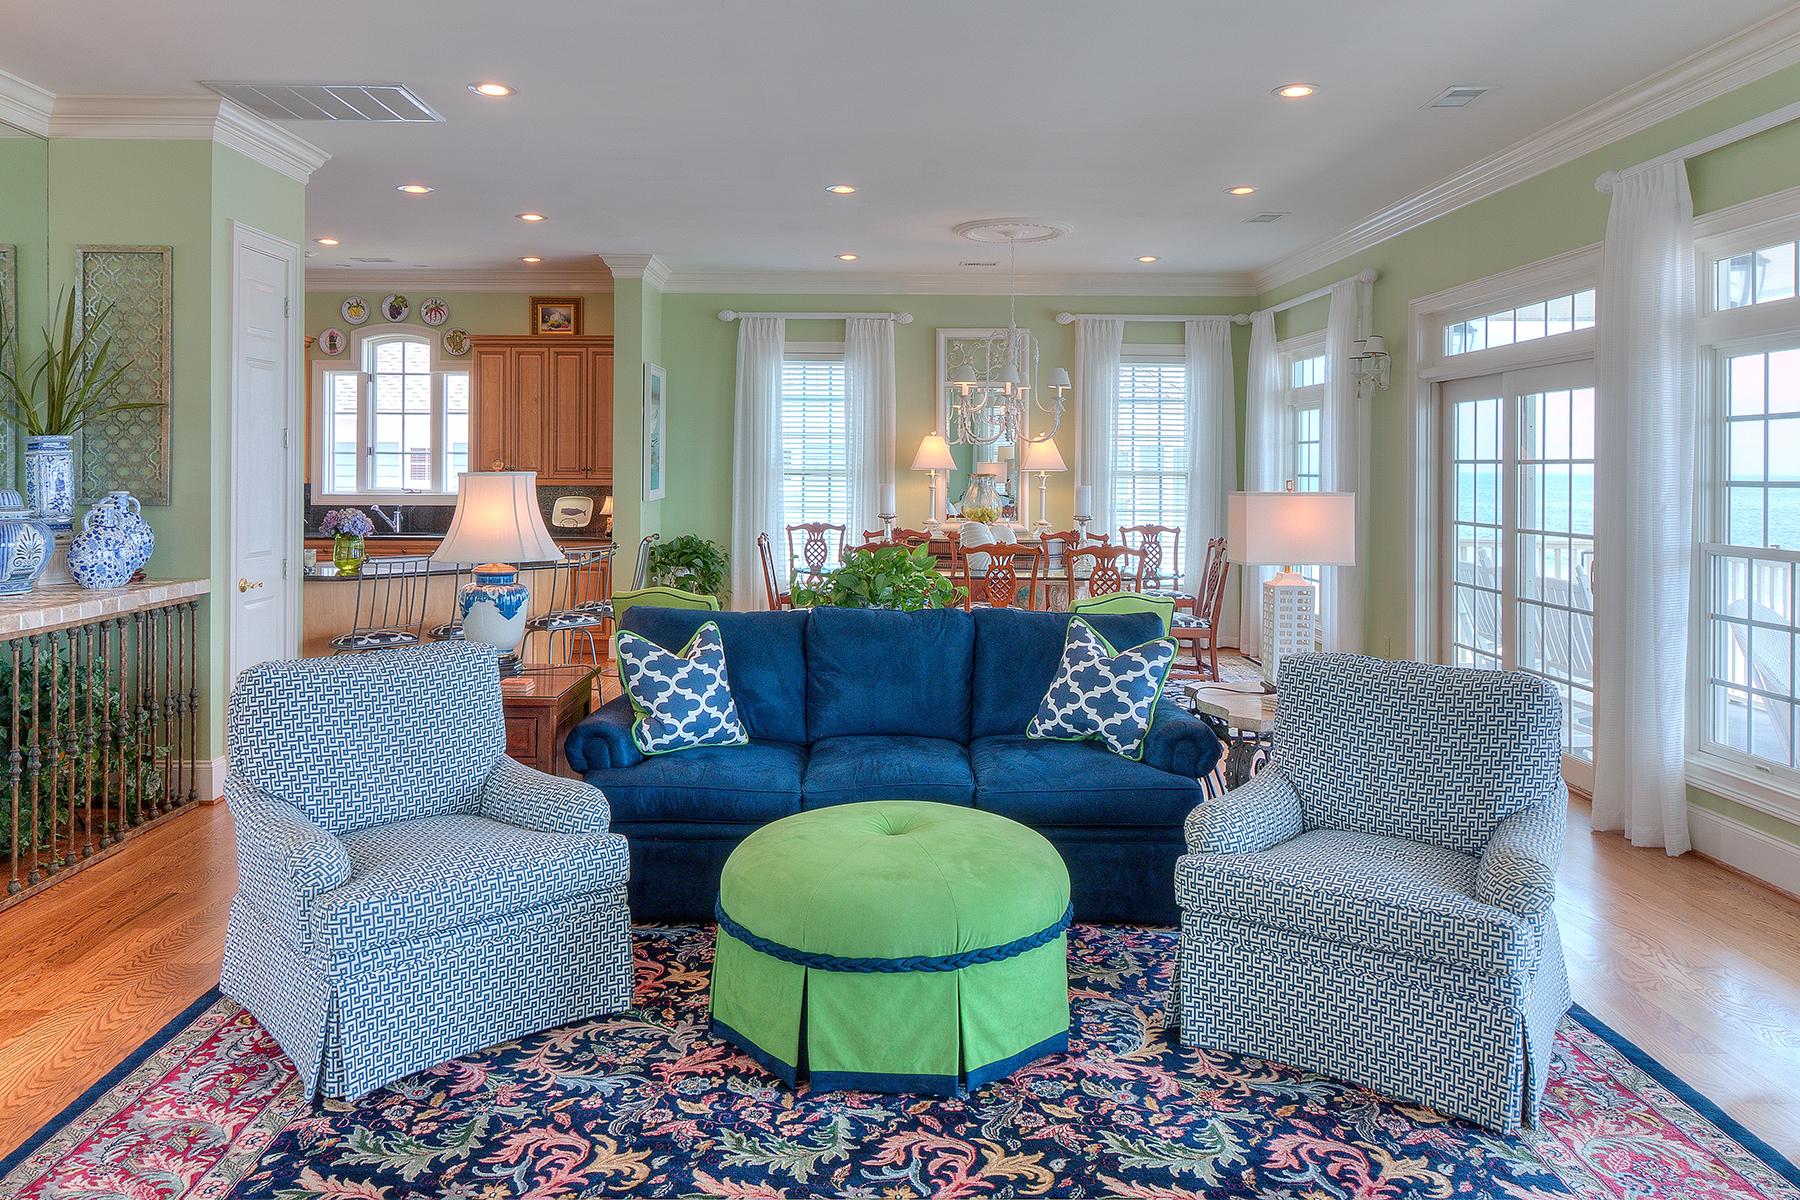 1271 Norris - Living room 3 MLS.jpg